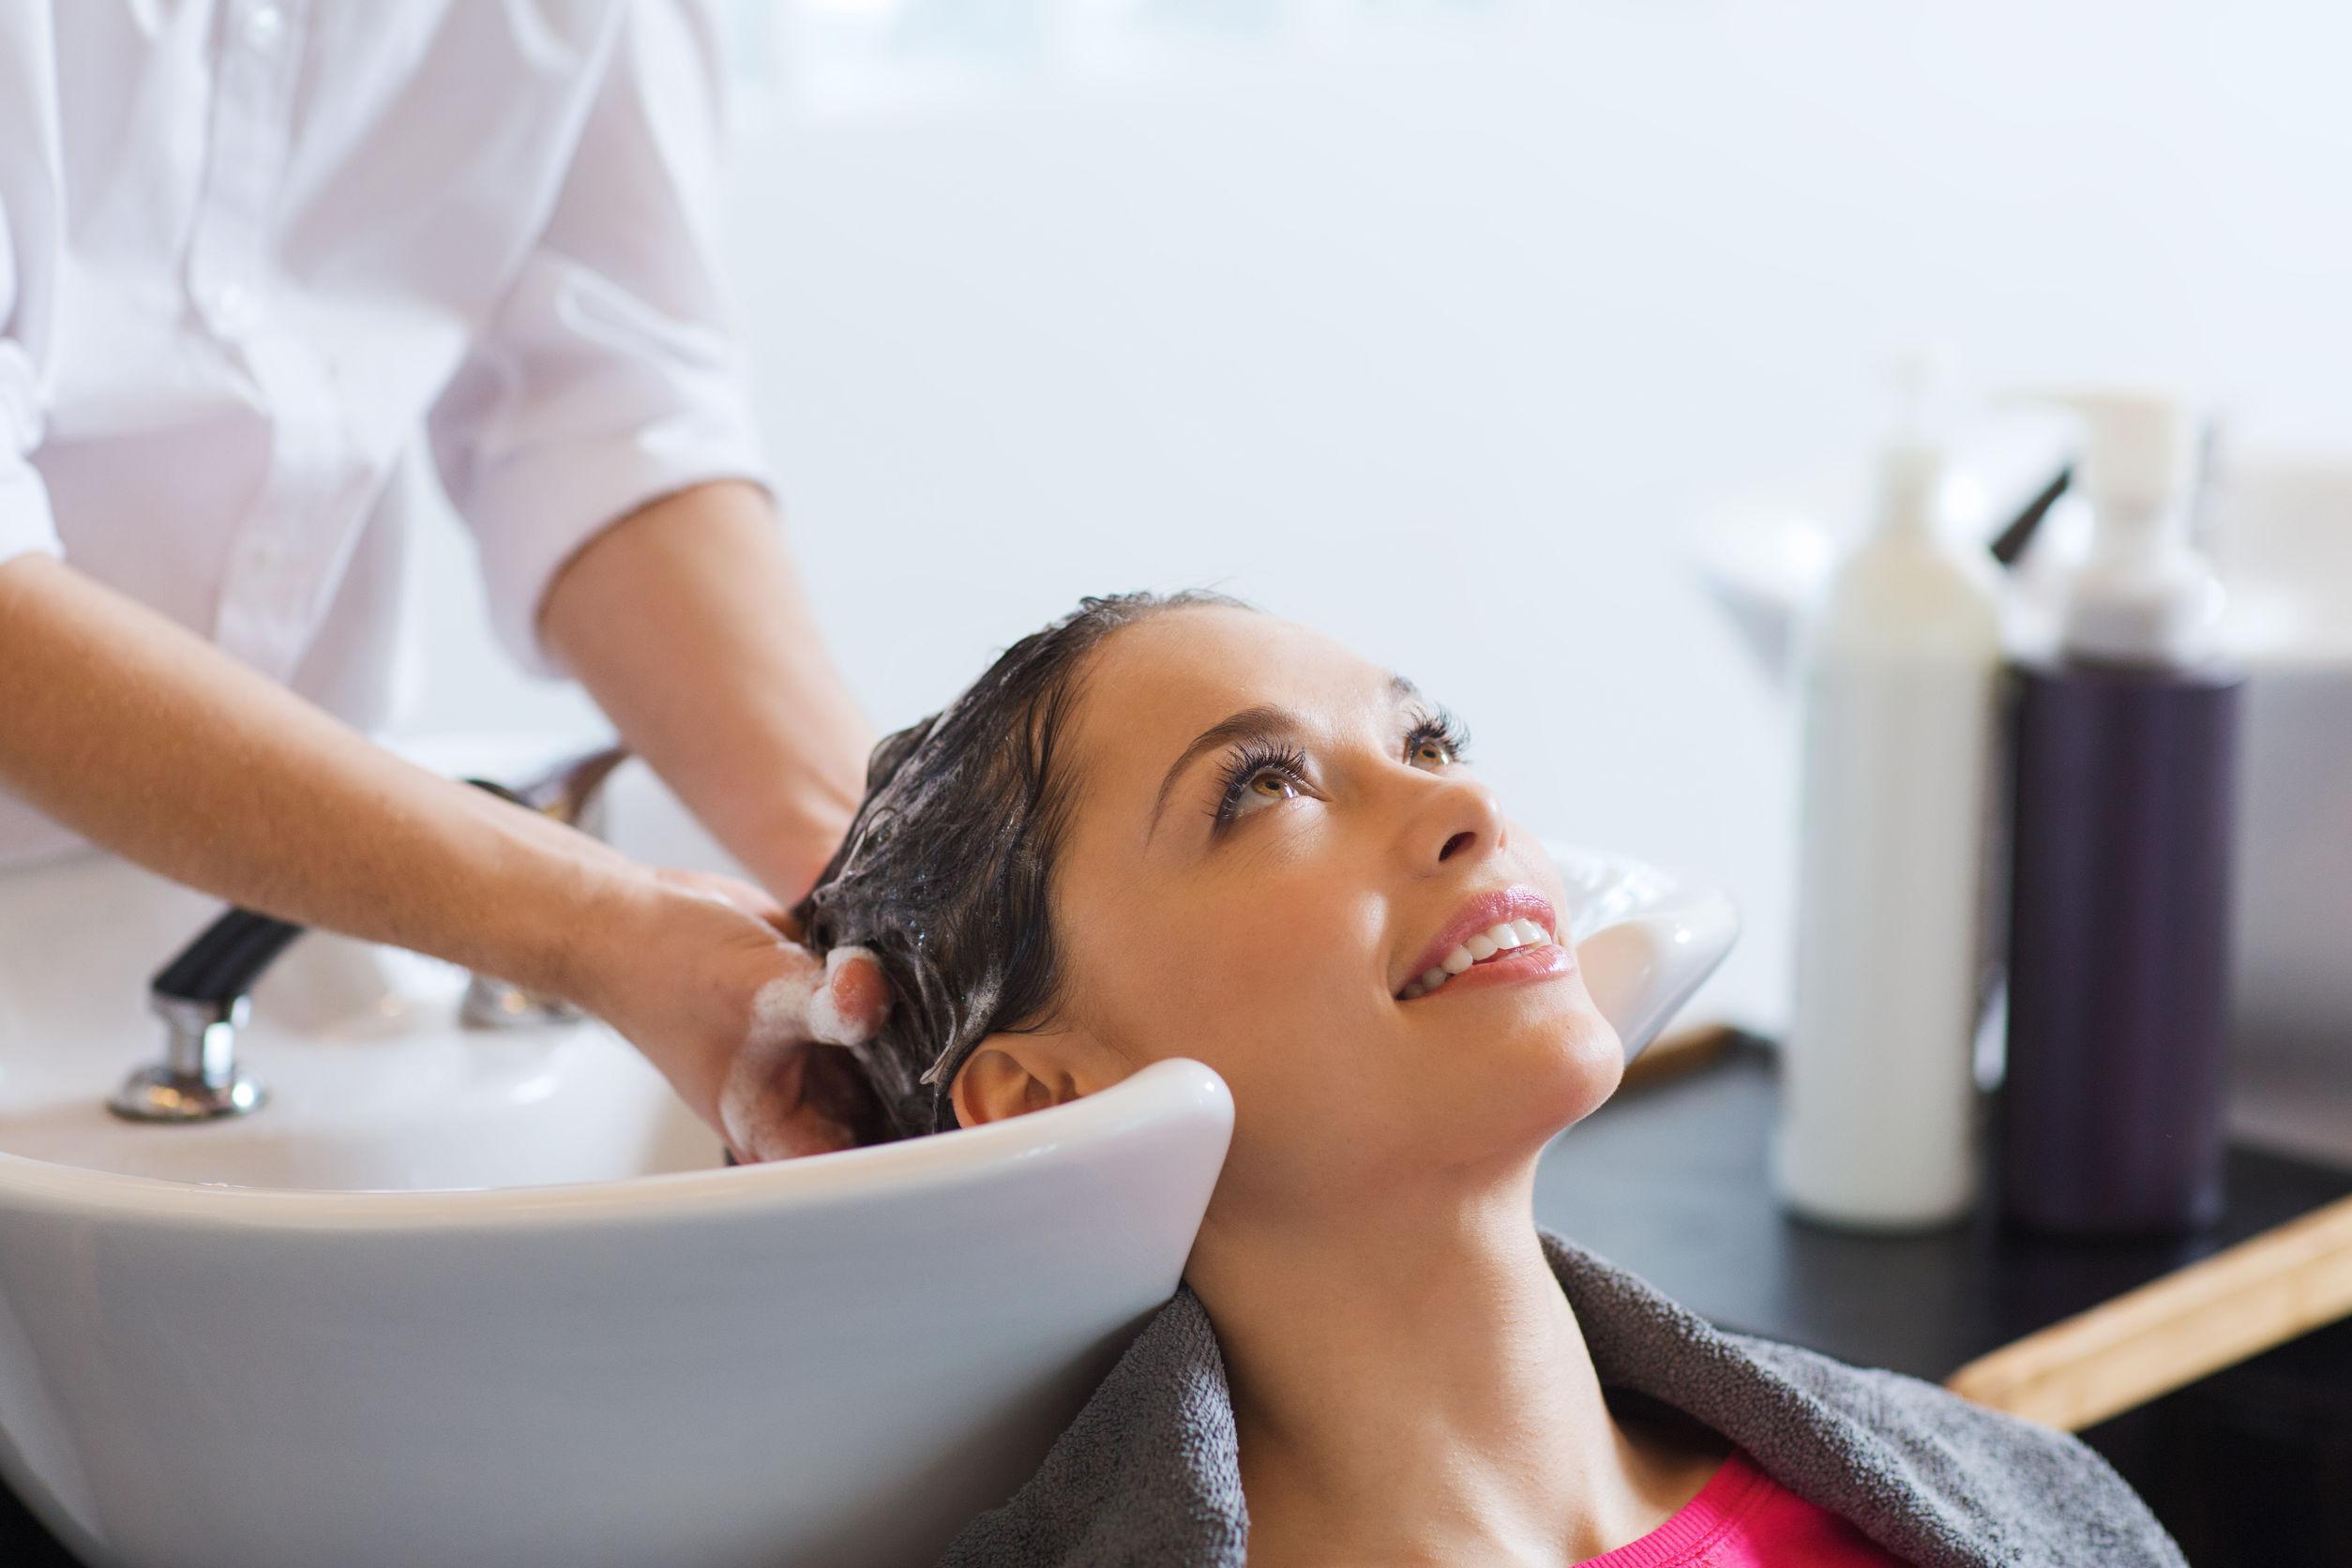 Foto de uma mulher em um lavatório de salão de beleza, tendo seus cabelo lavados e hidratados por uma outra pessoa. A mulher está sorridente e olhando pra cima. Ao fundo, cremes de hidratação.